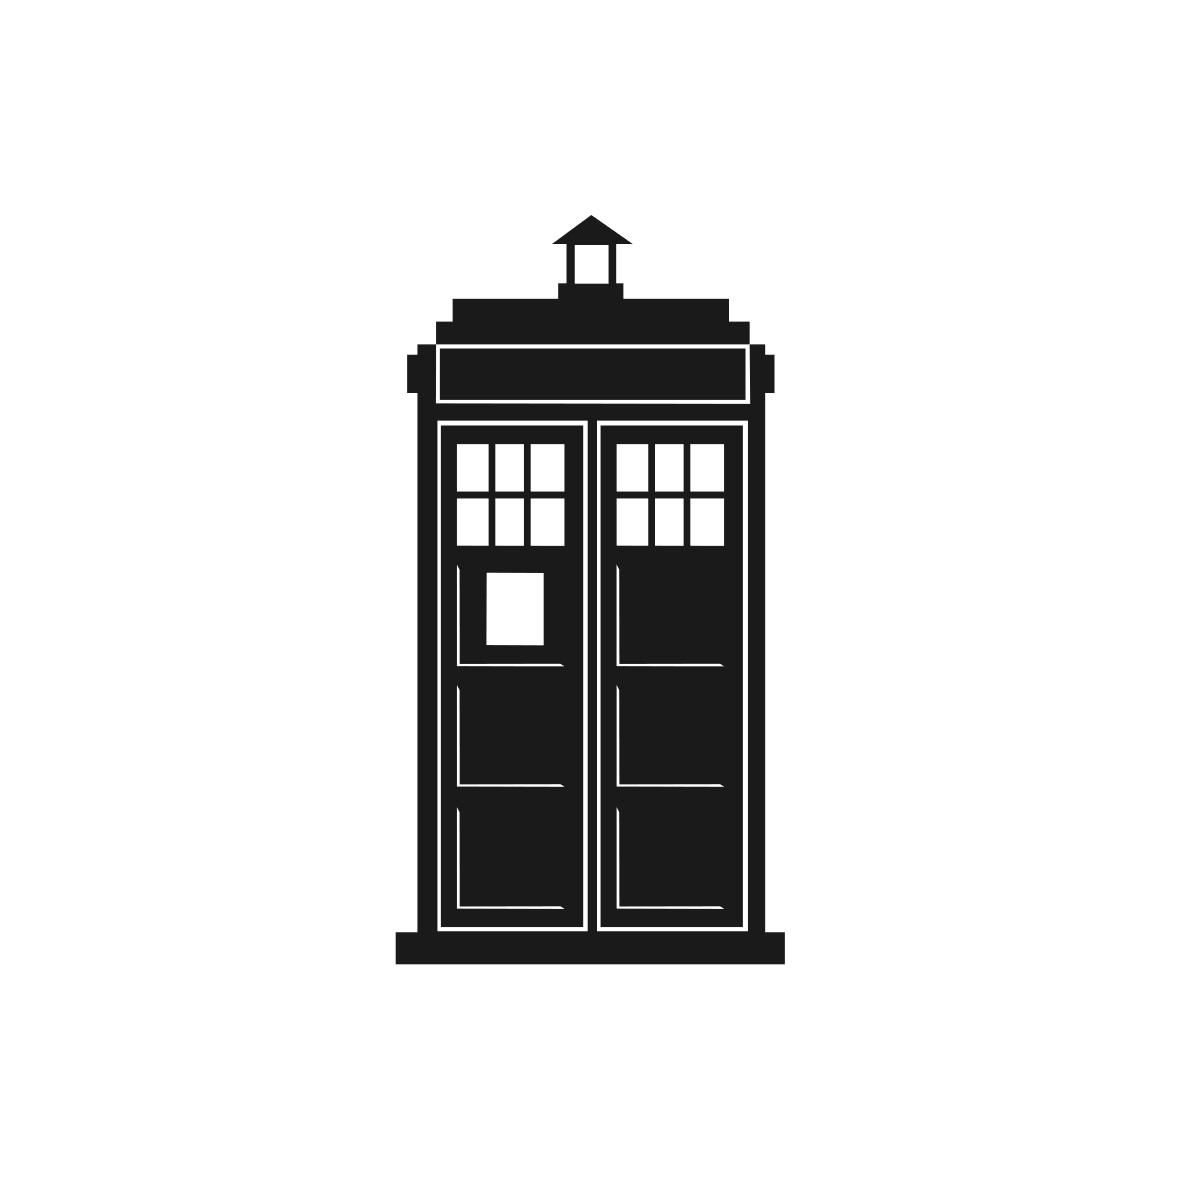 Icon of a TARDIS